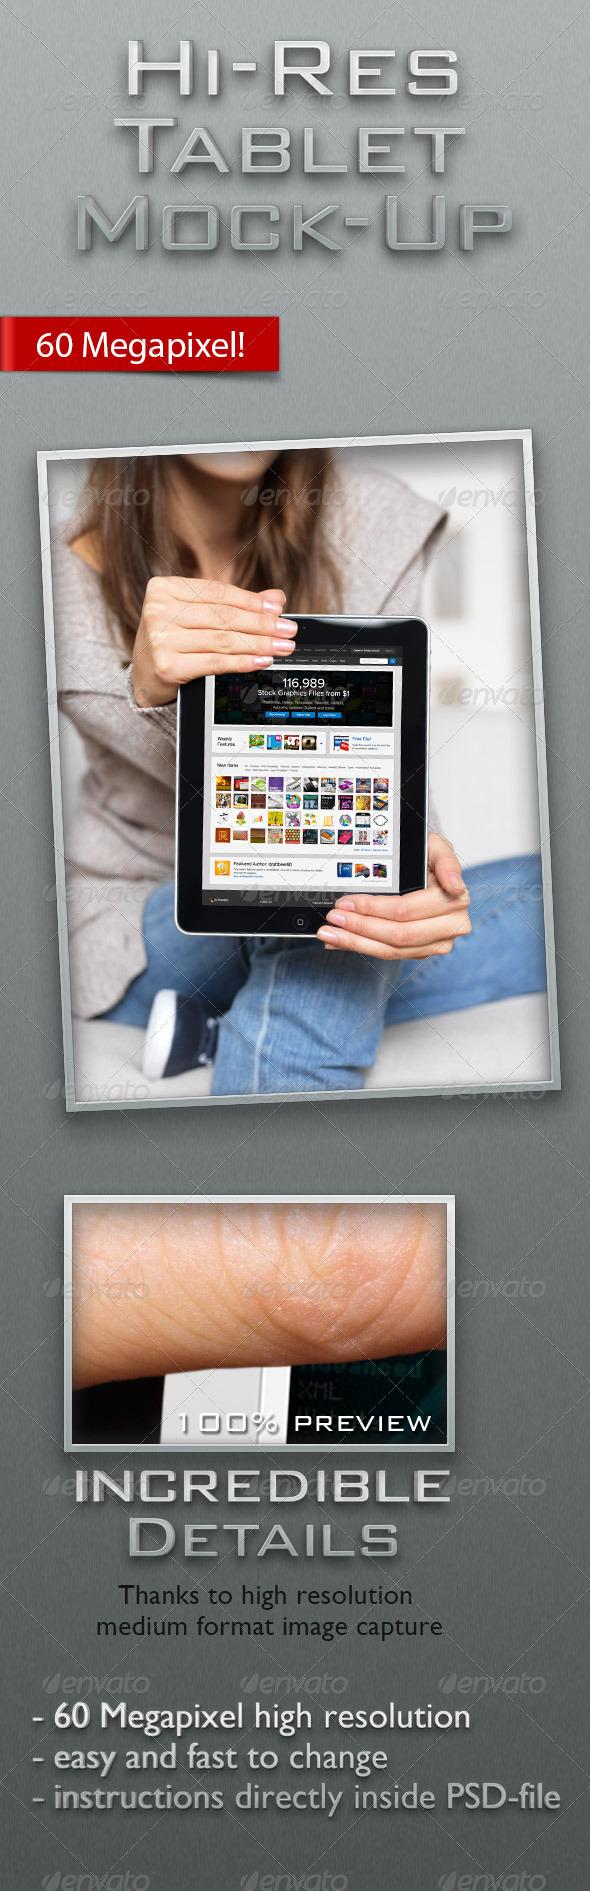 Tablet Computer Hi-Res Mock-Up - Mobile Displays